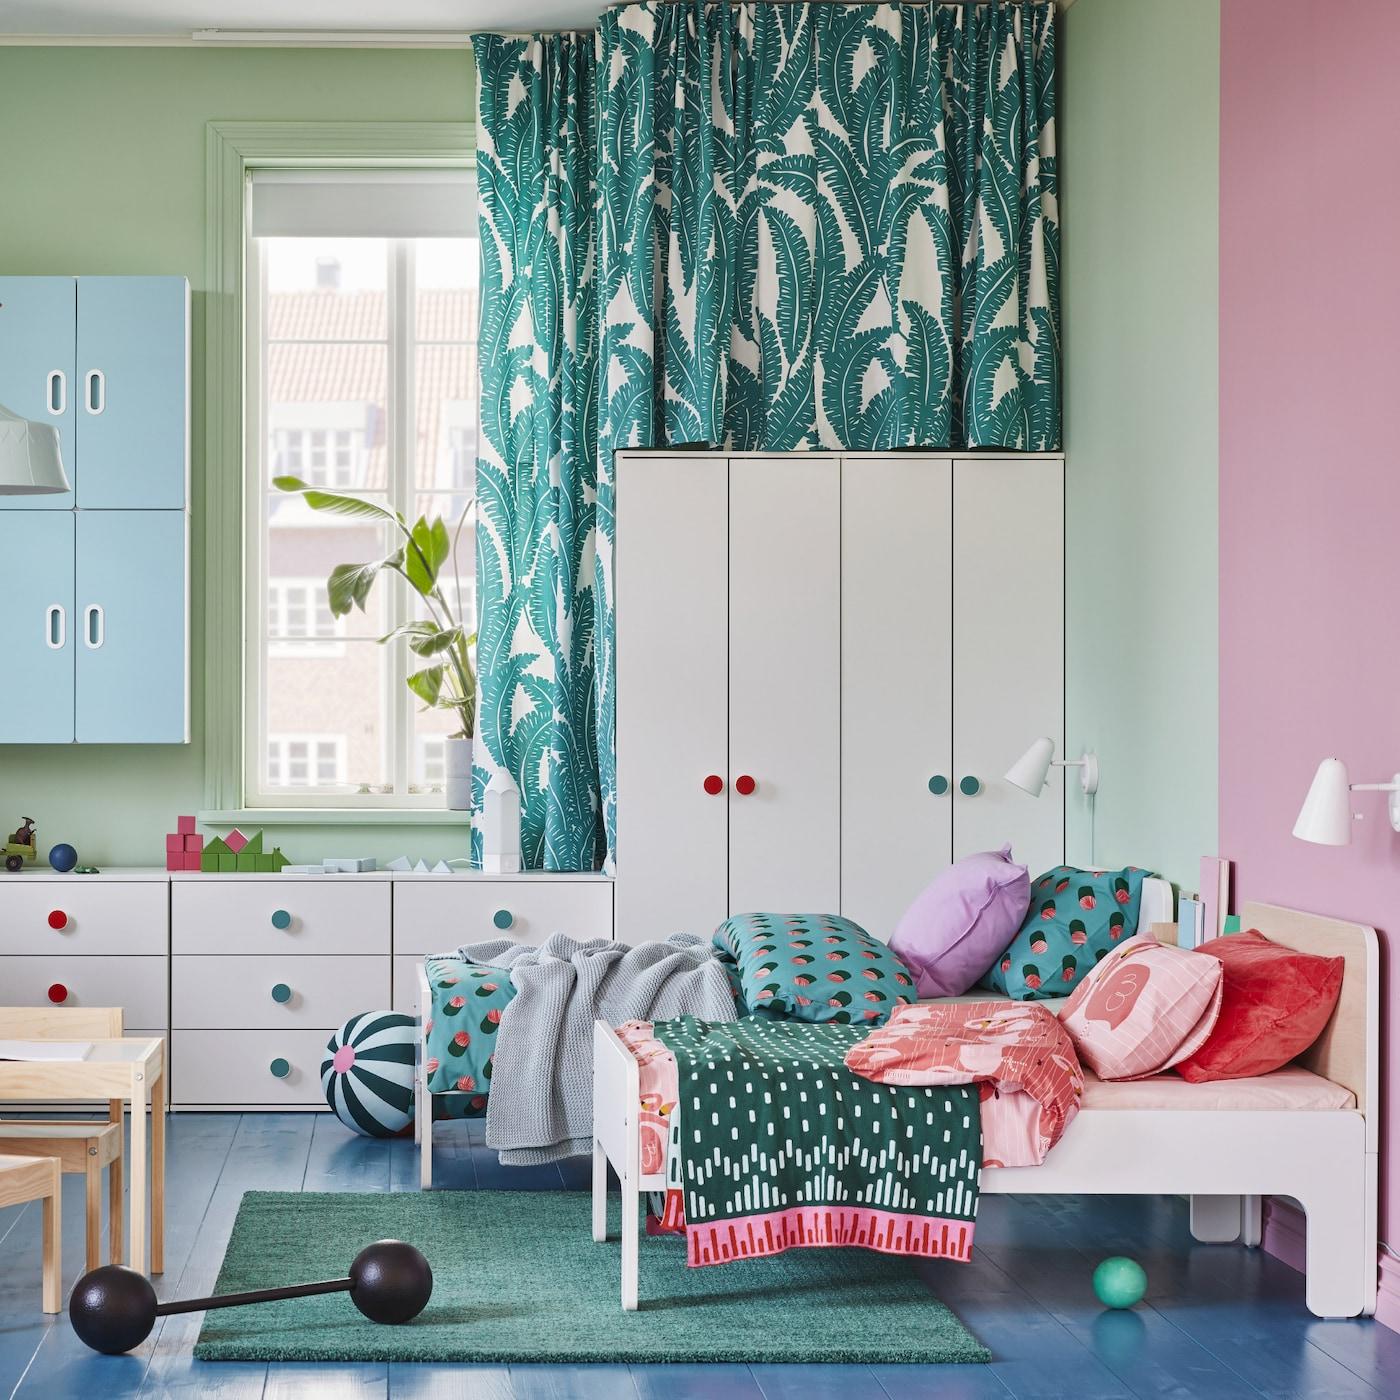 Ein Kinderzimmer mit weissen Kleiderschränken und Kommoden, zwei ausziehbaren SLÄKT Bettgestellen mit Federholzrahmen und einem grünen Teppich